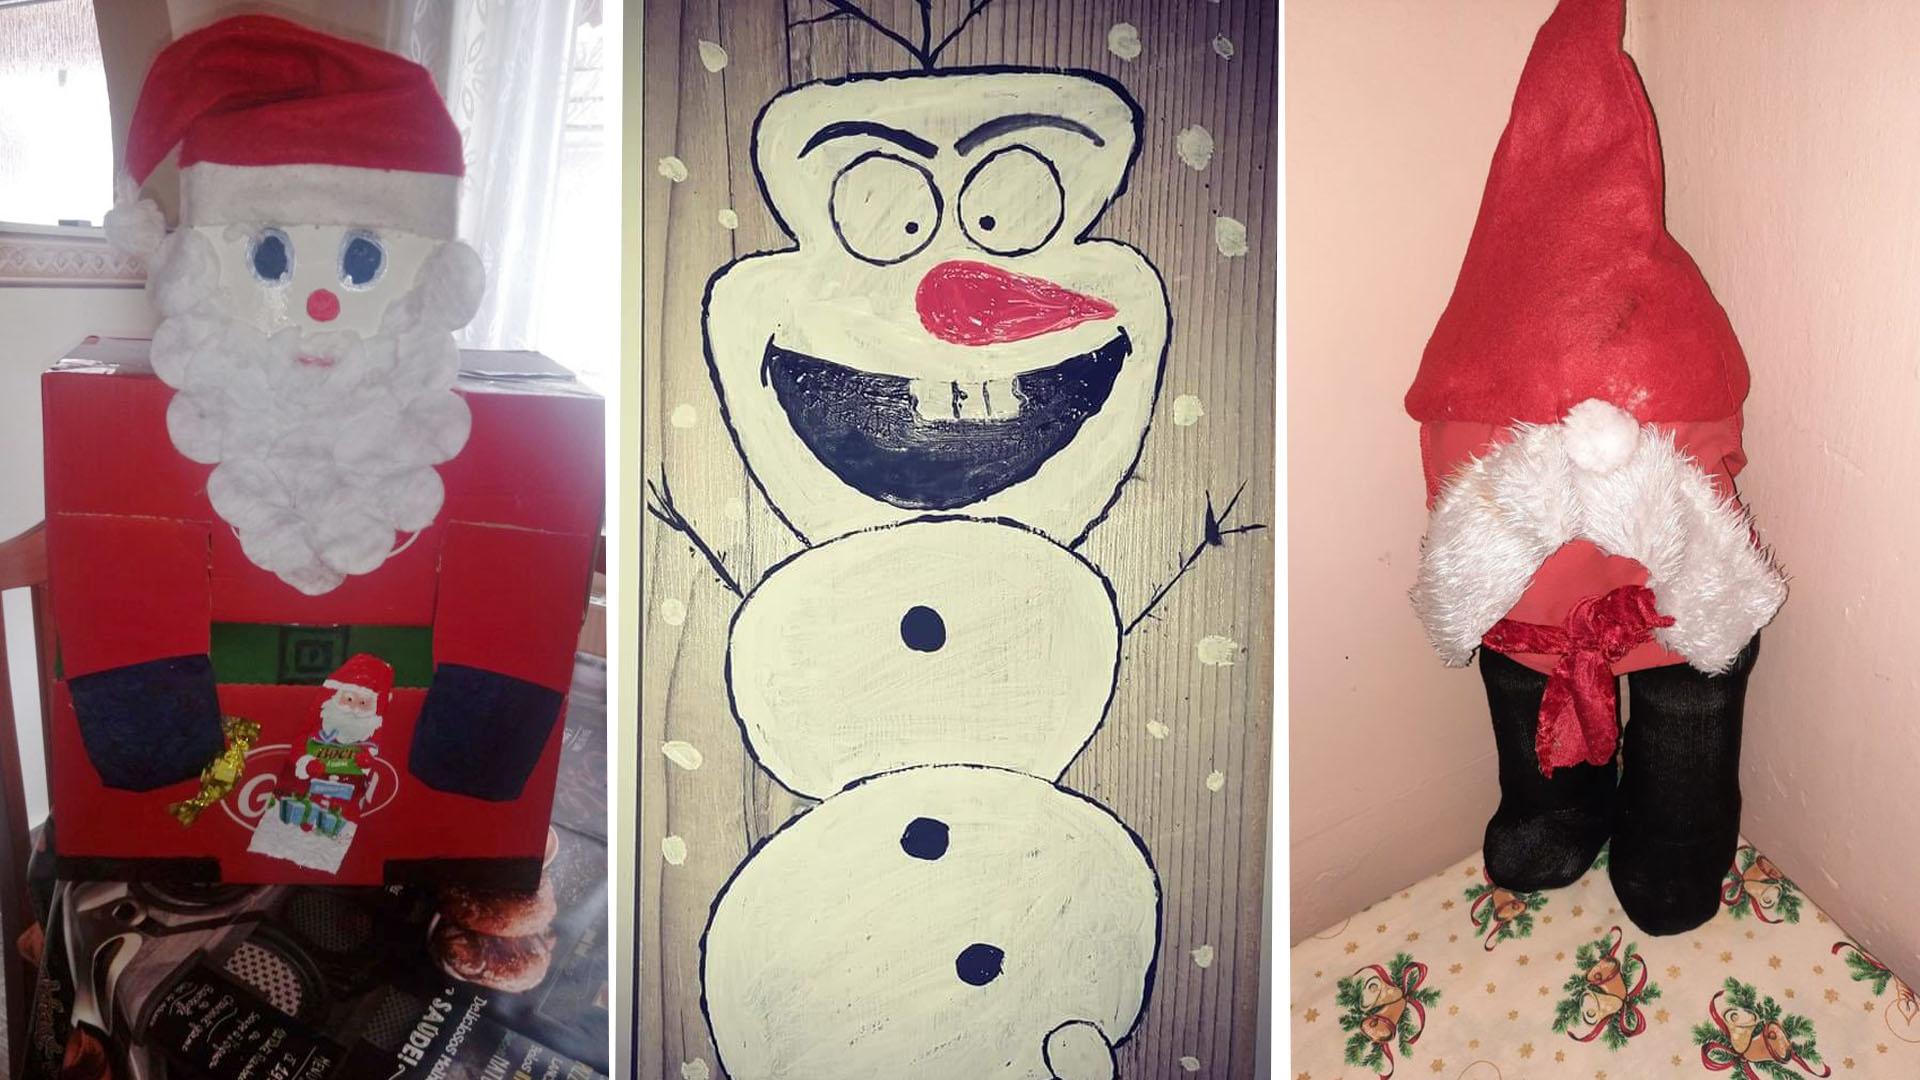 Viccesen ronda karácsonyi dekorációk